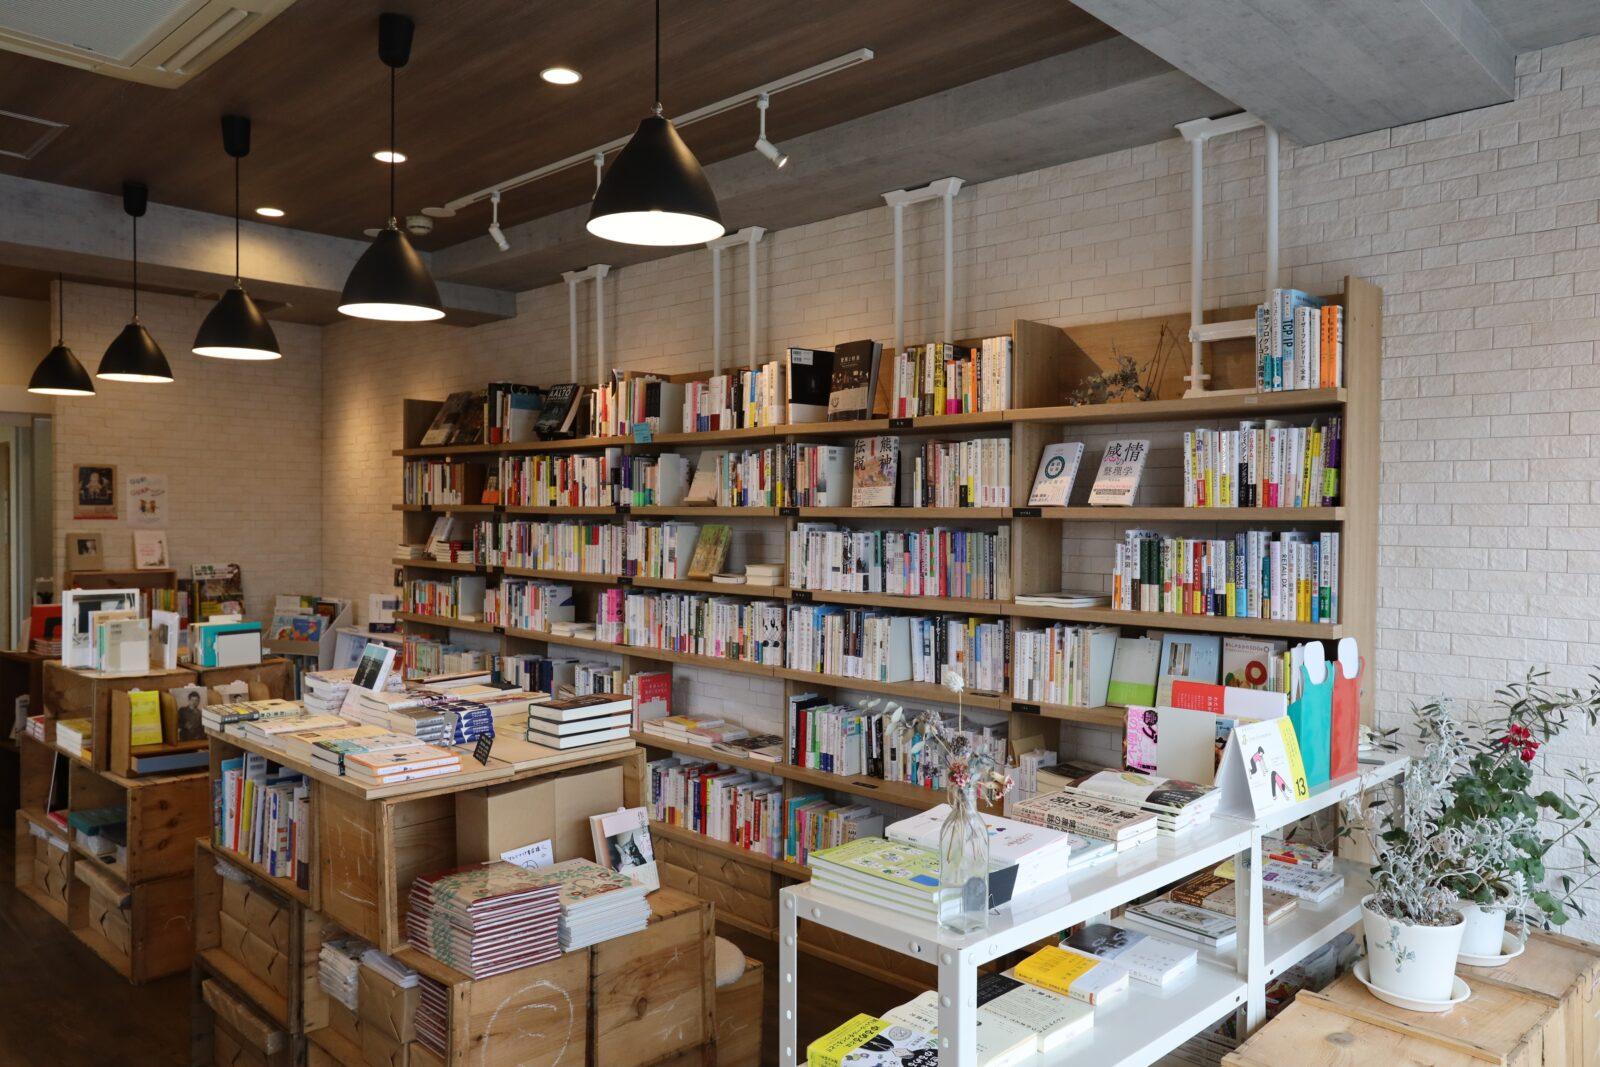 【府中市】バランスの良い品ぞろえで本と人の新しい出会いを提供「マルジナリア書店」